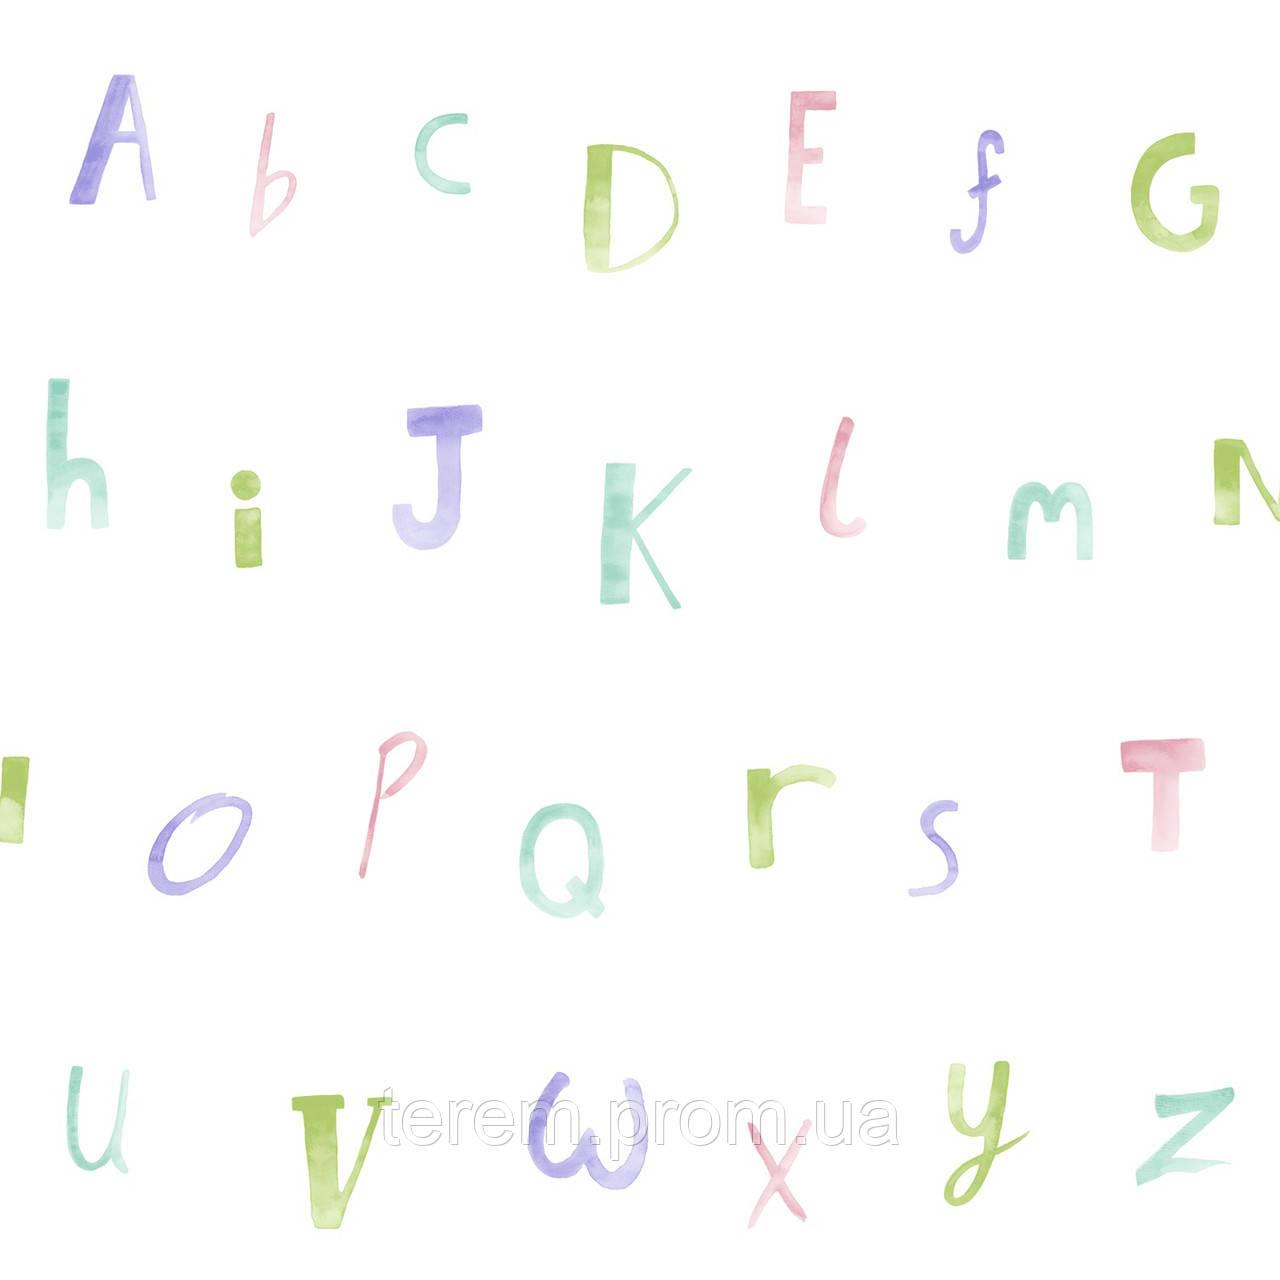 Alphabet Cream_Heather